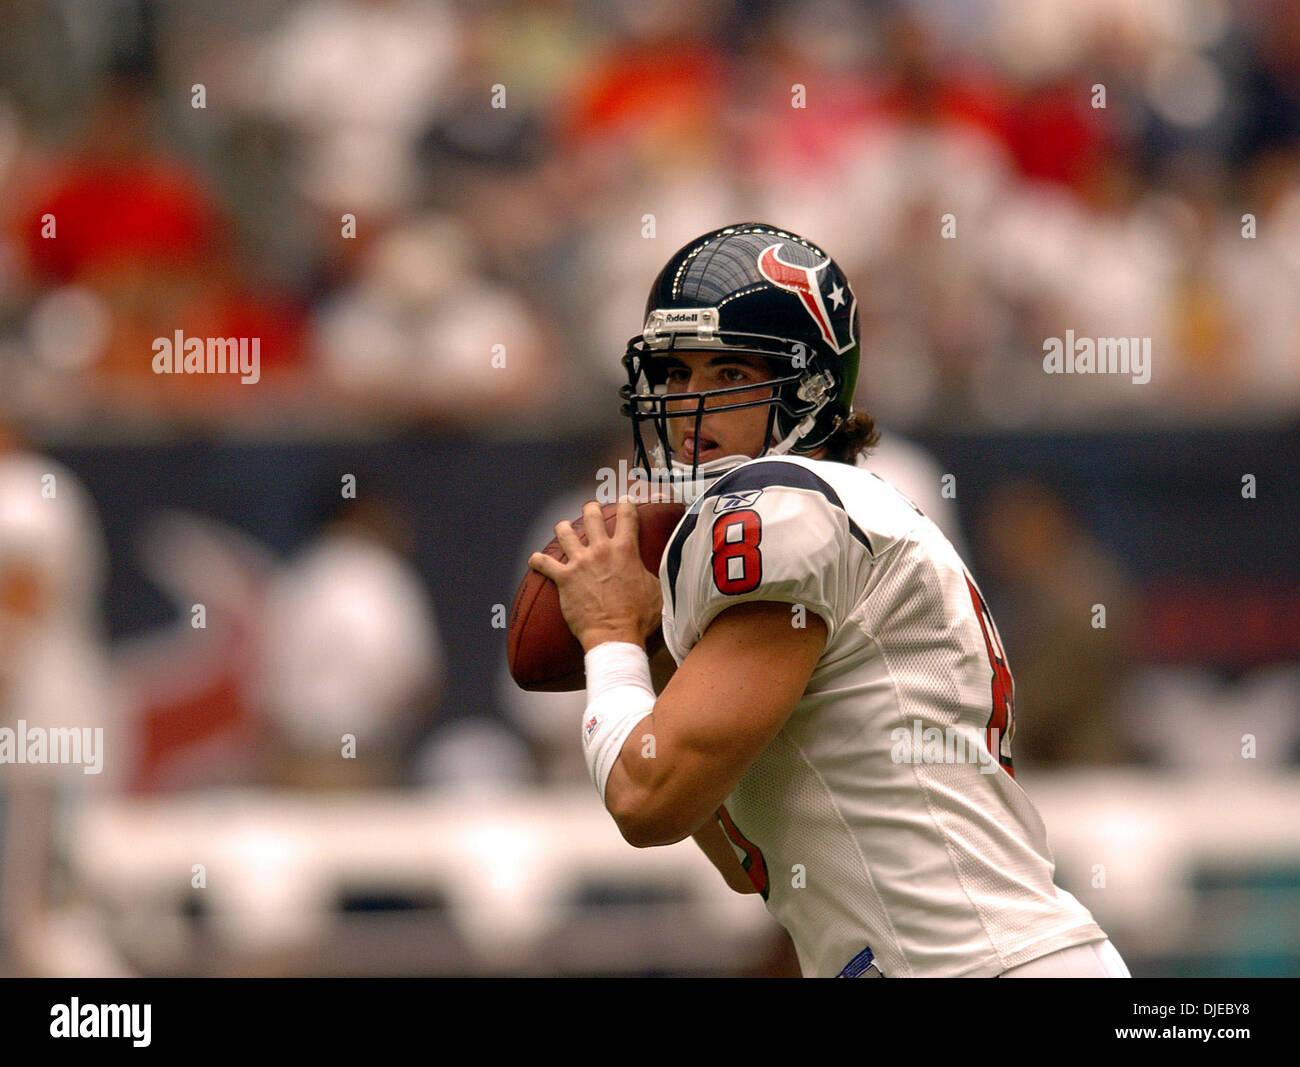 068c9228 Aug 07, 2004; Houston, TX, USA; Houston Texans quarterback DAVID ...